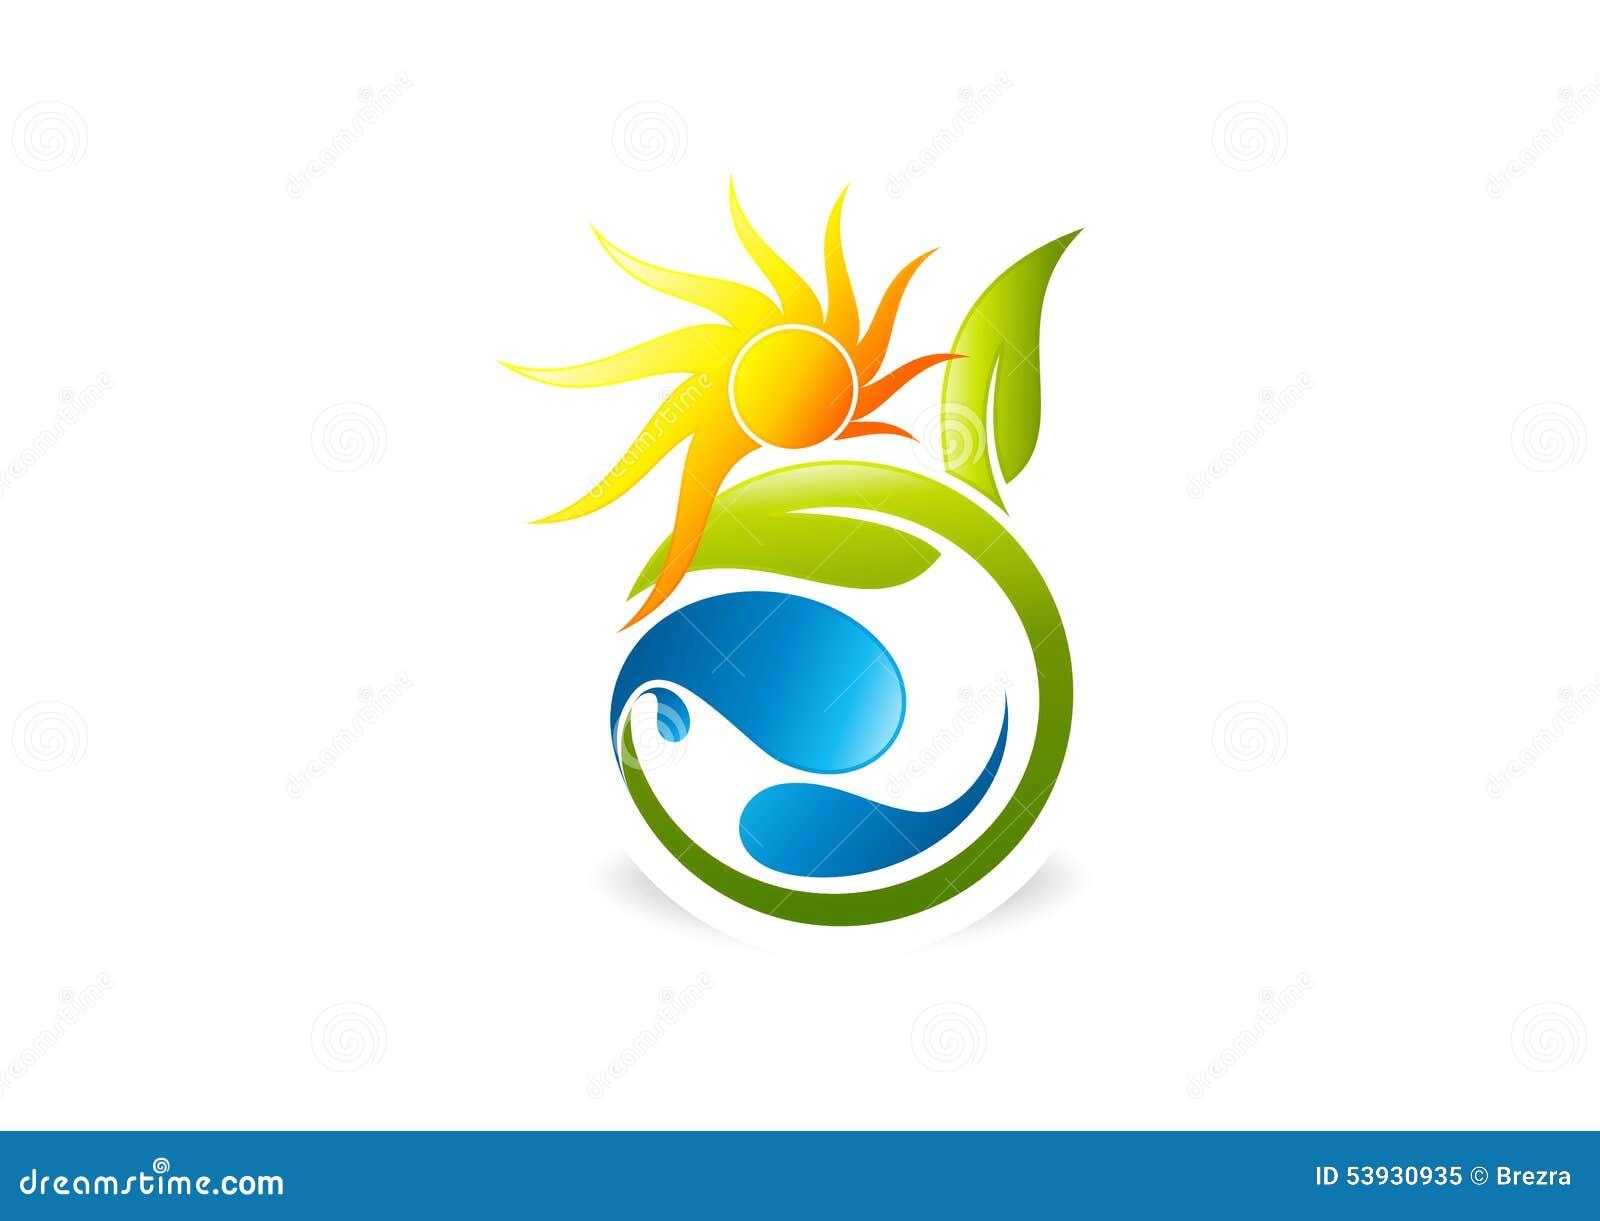 Sol, växt, folk, vatten, naturligt, logo, symbol, hälsa, blad, botanik, ekologi och symbol